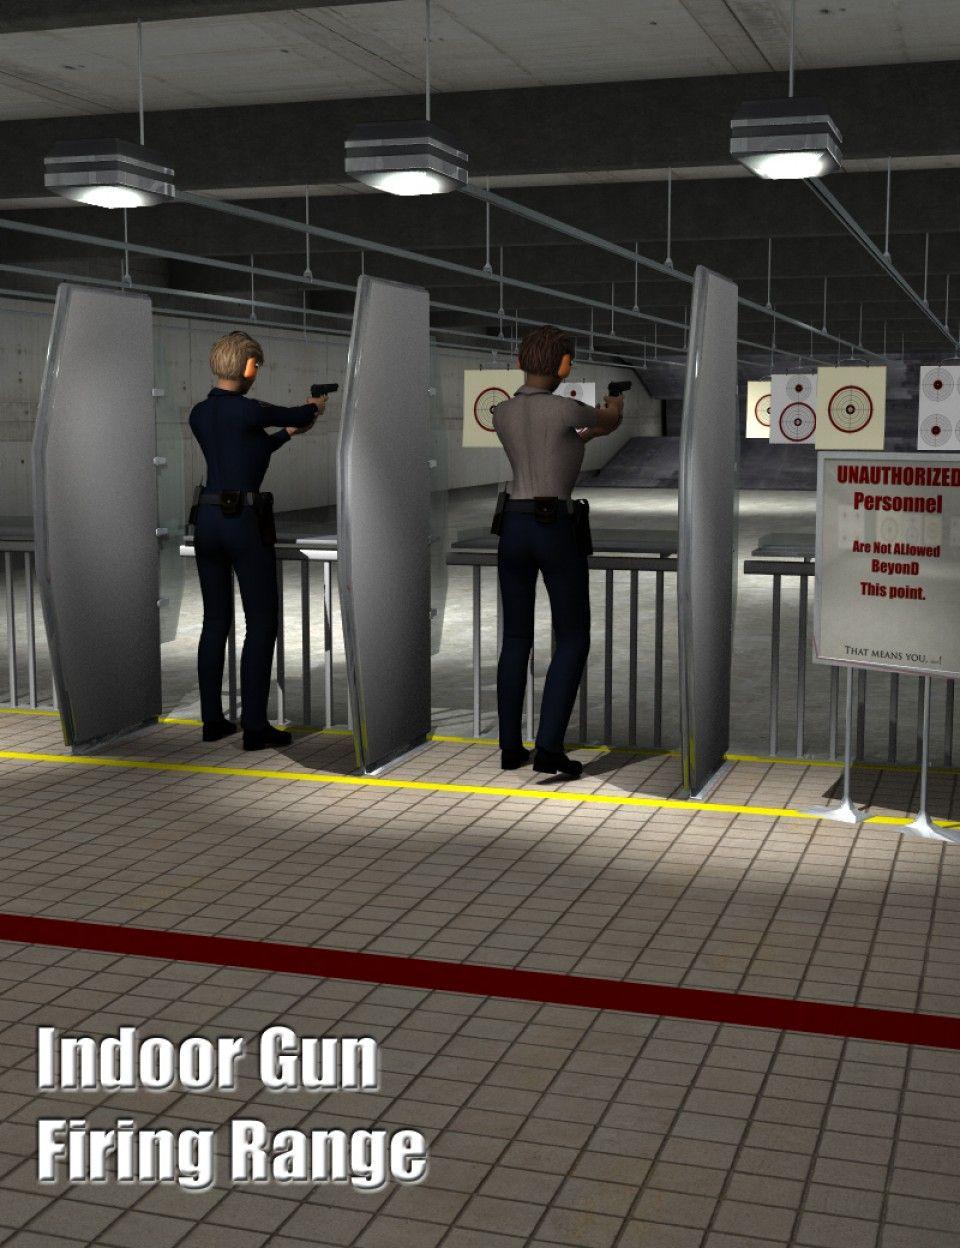 Pin On Shooting Range